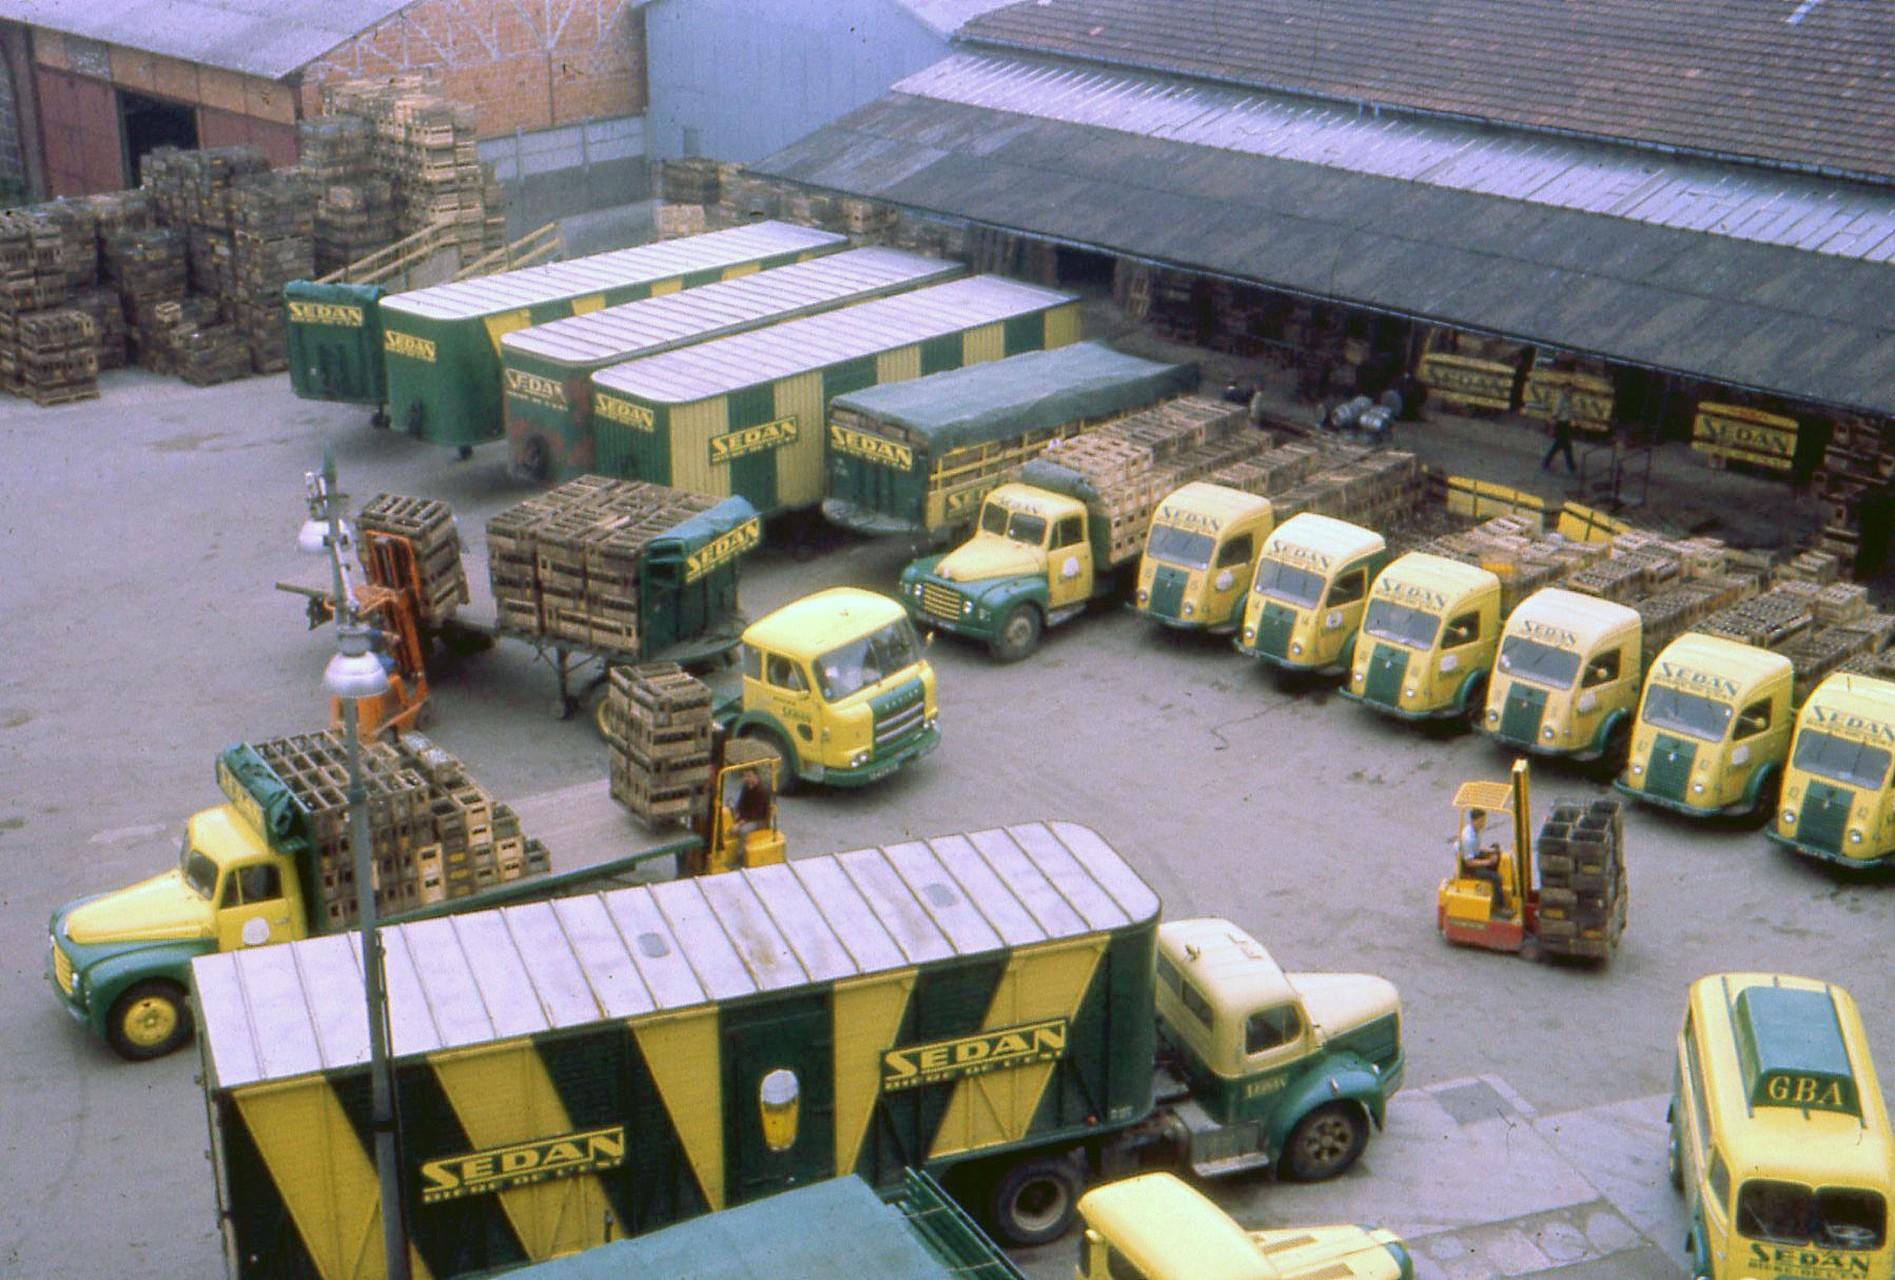 camions sedan gba biere brasserie